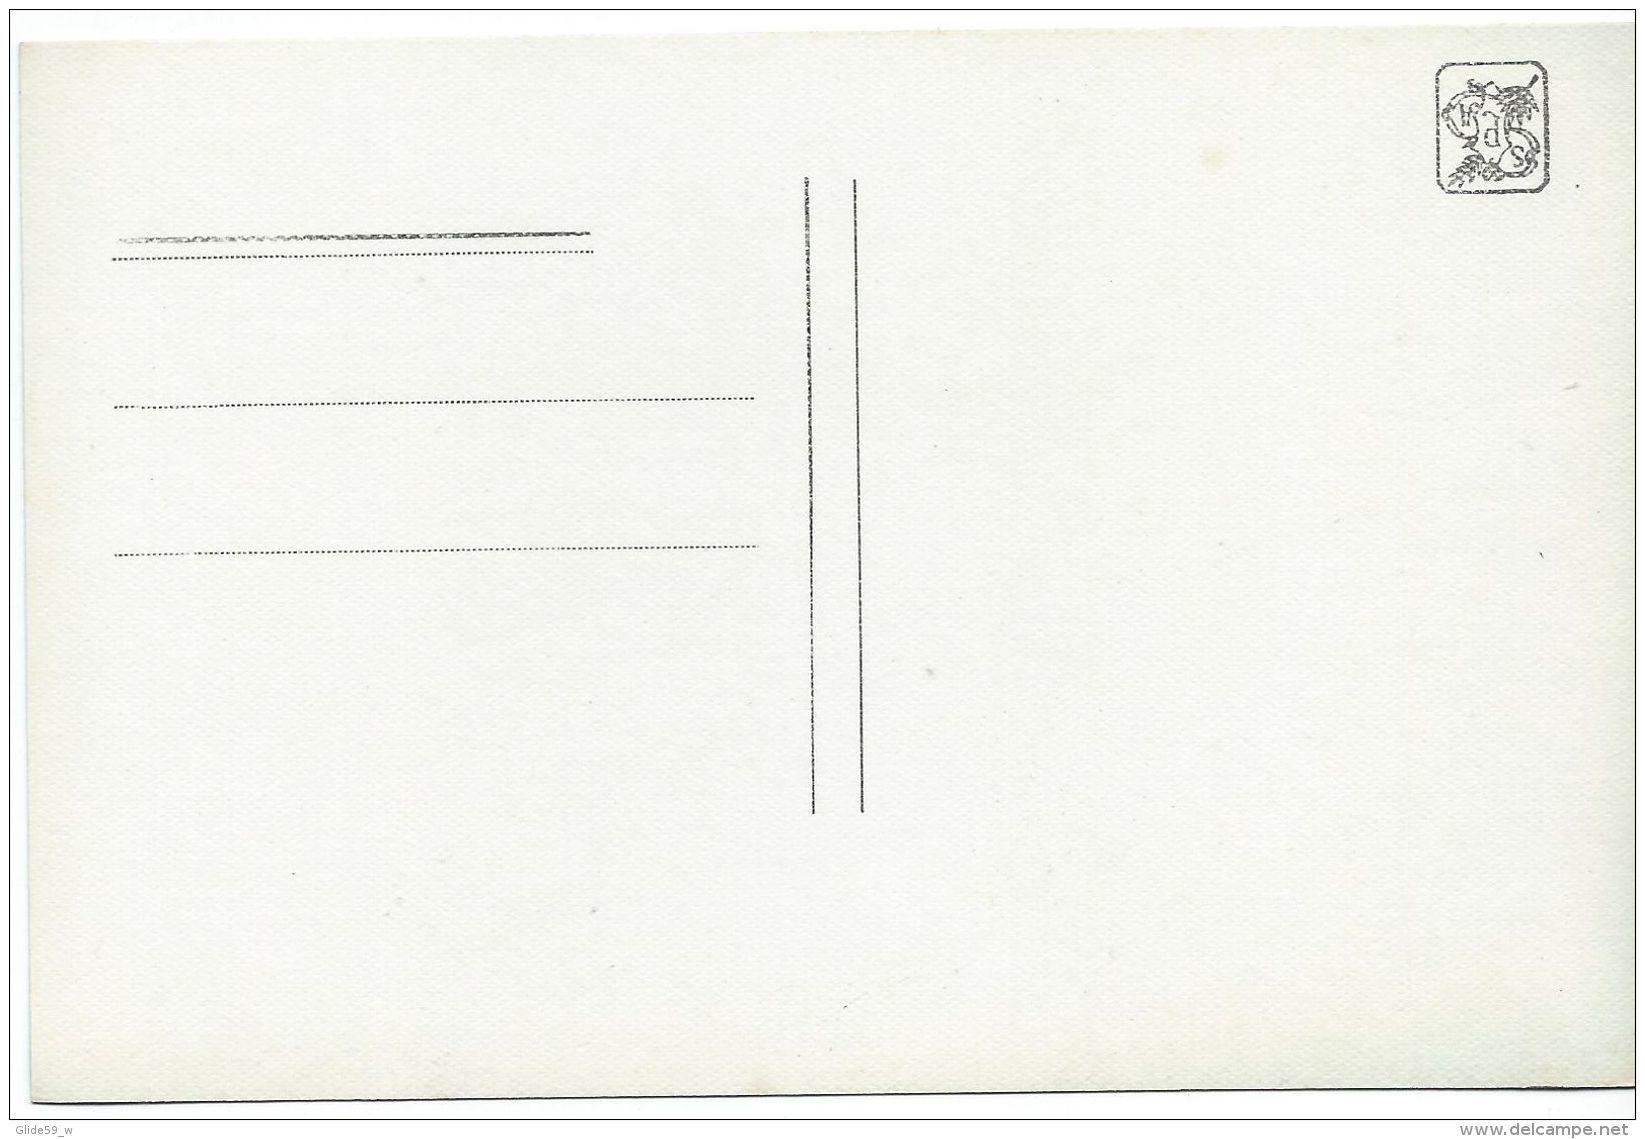 Paris Salon - G. BUSSIERE - Brunnehild - N° 2070 - Paintings